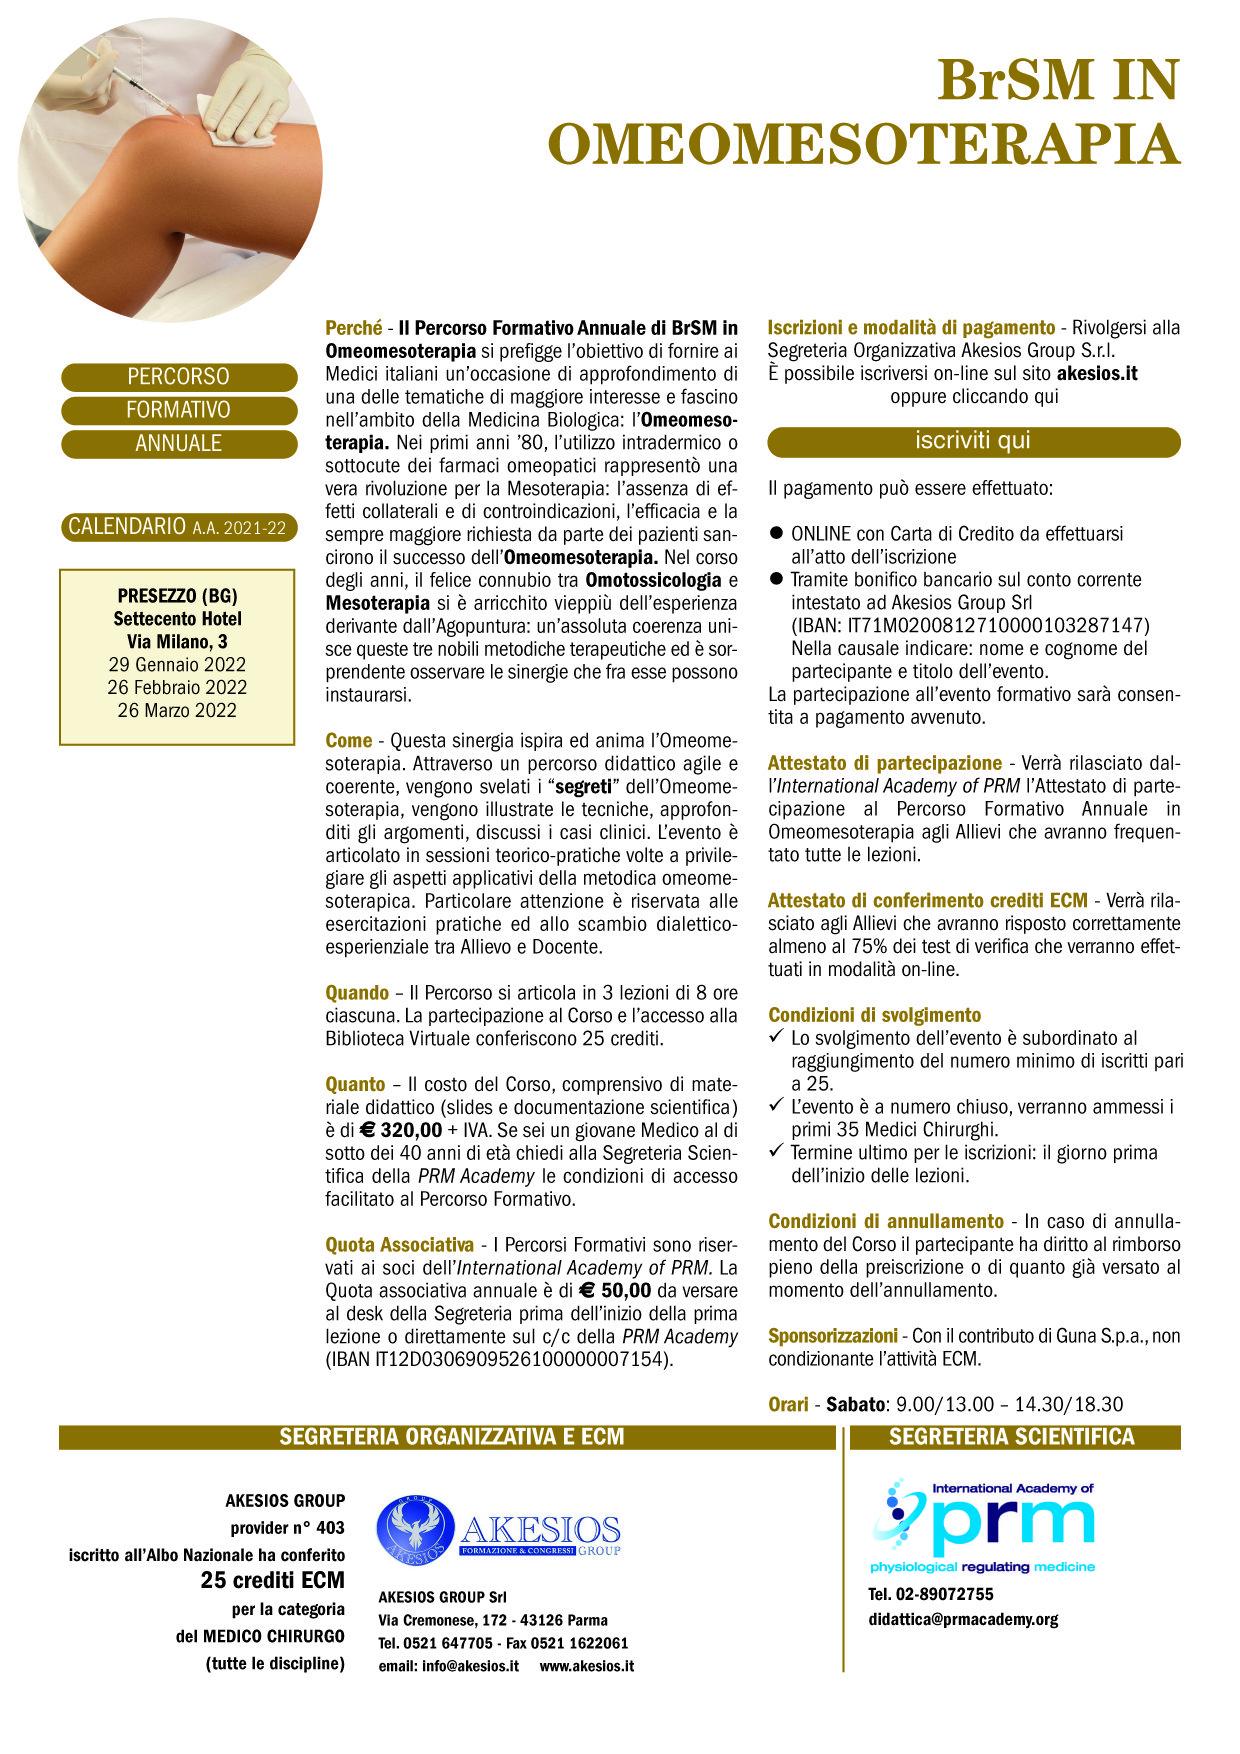 PERCORSO FORMATIVO ANNUALE DI BrSM IN OMEOMESOTERAPIA